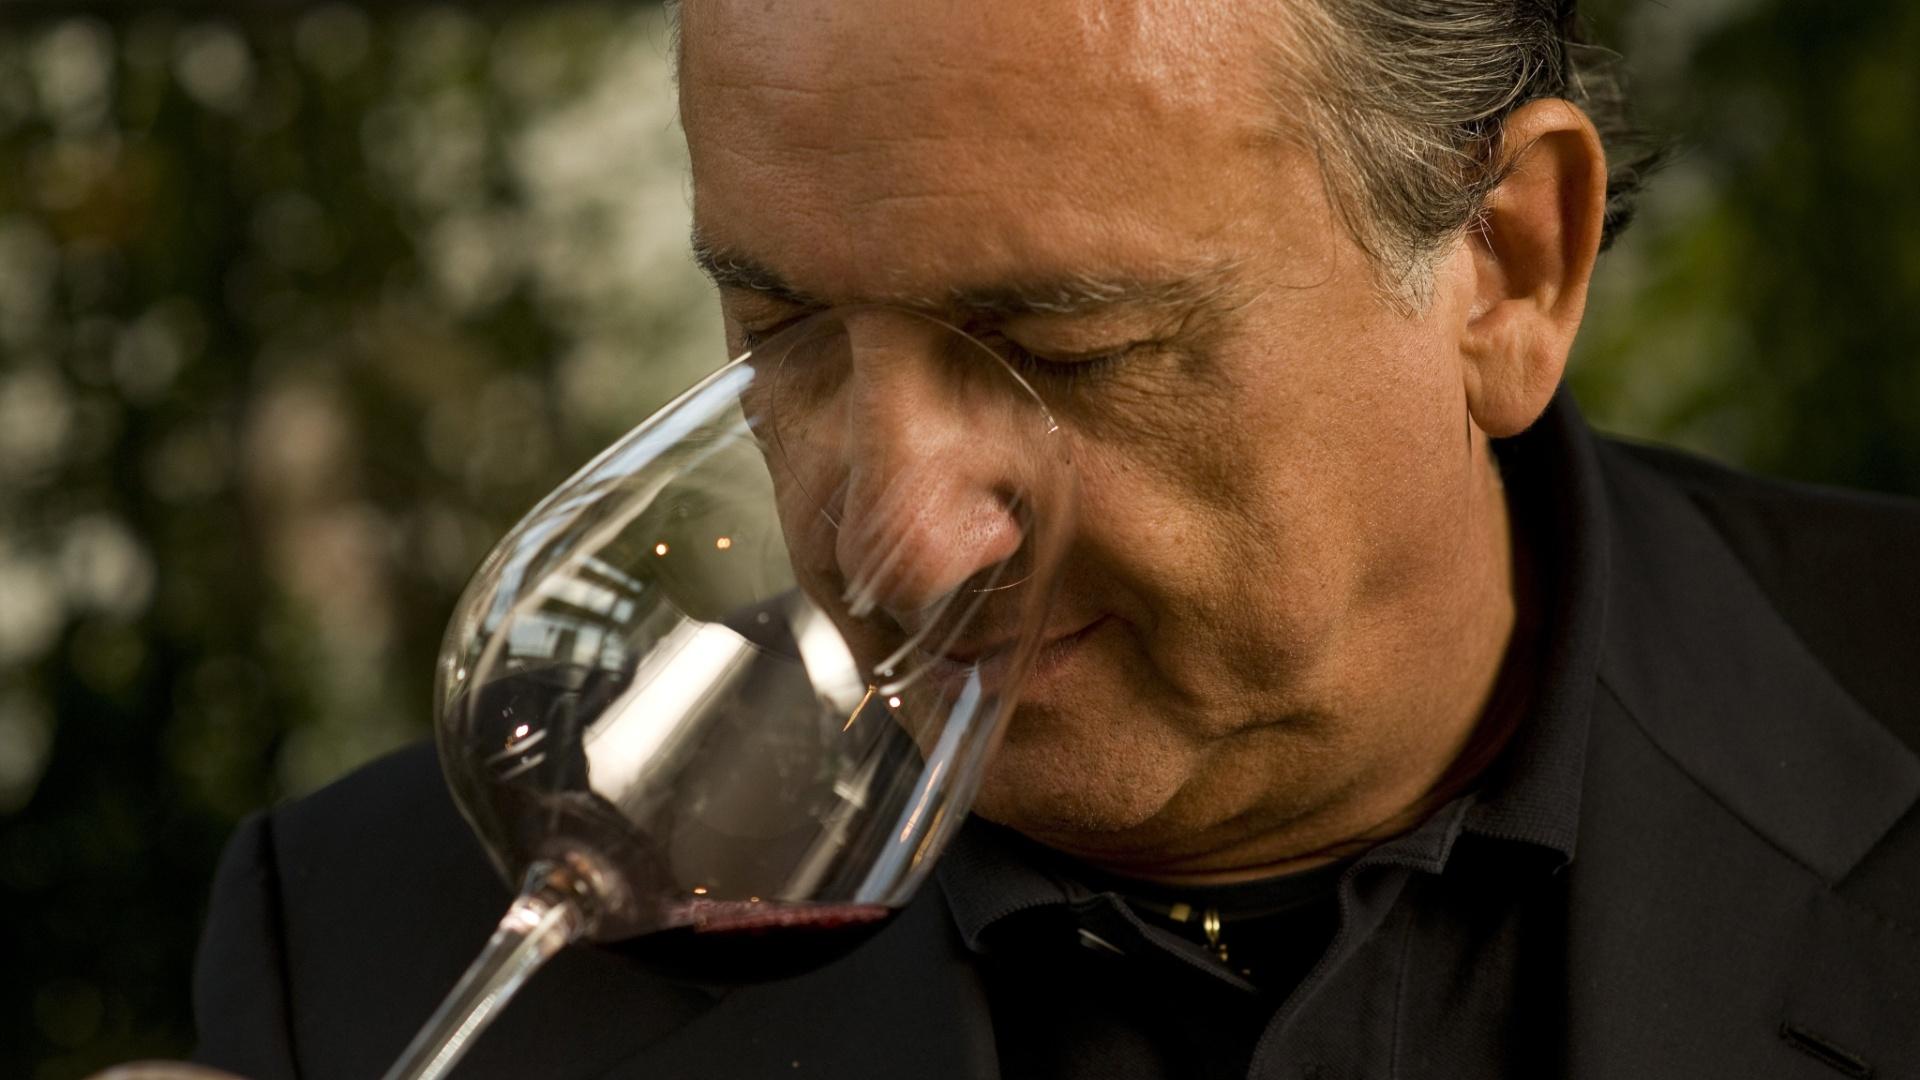 Galvão Bueno degusta um vinho durante entrevista em outubro de 2010